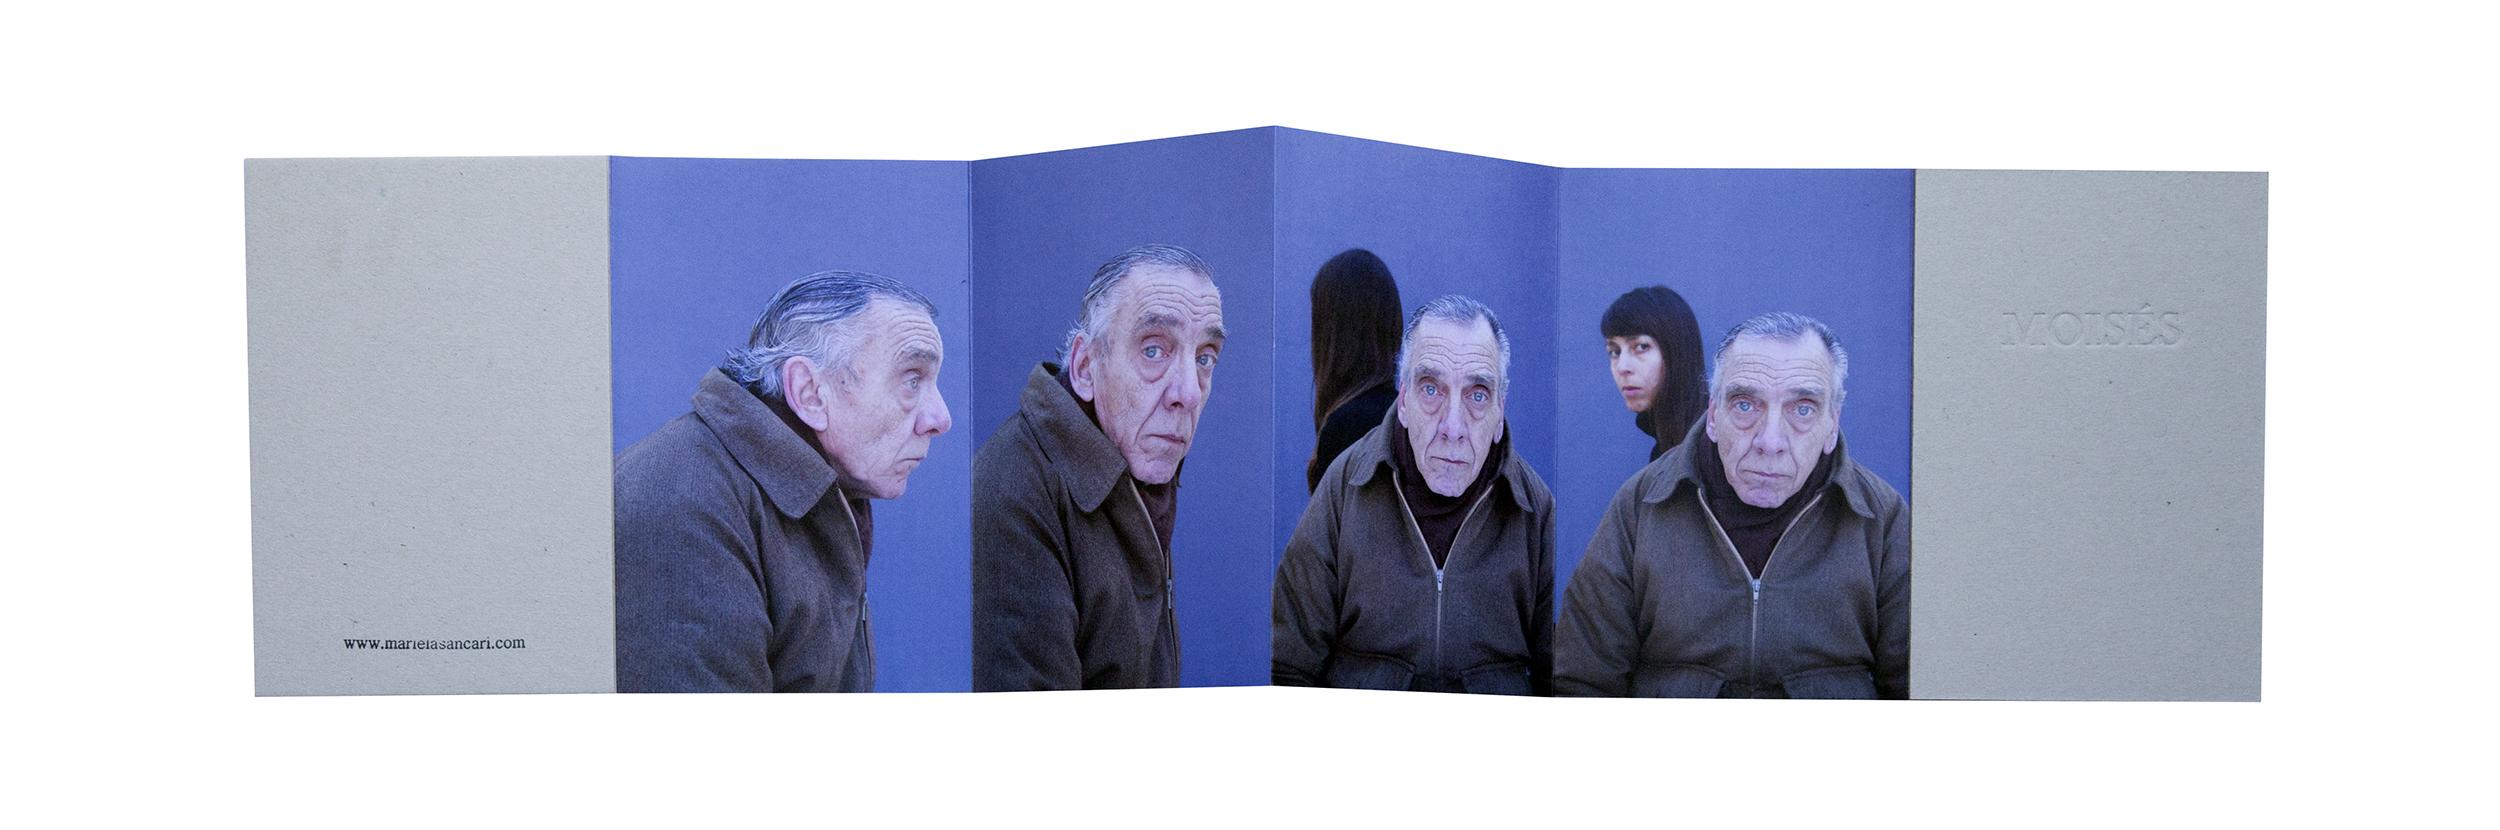 © Mariela Sancari, 10 x 15 cm. (extended 44 x 15 cm), pages 8 / accordion, images 6 plus text, edition of 200, 2014